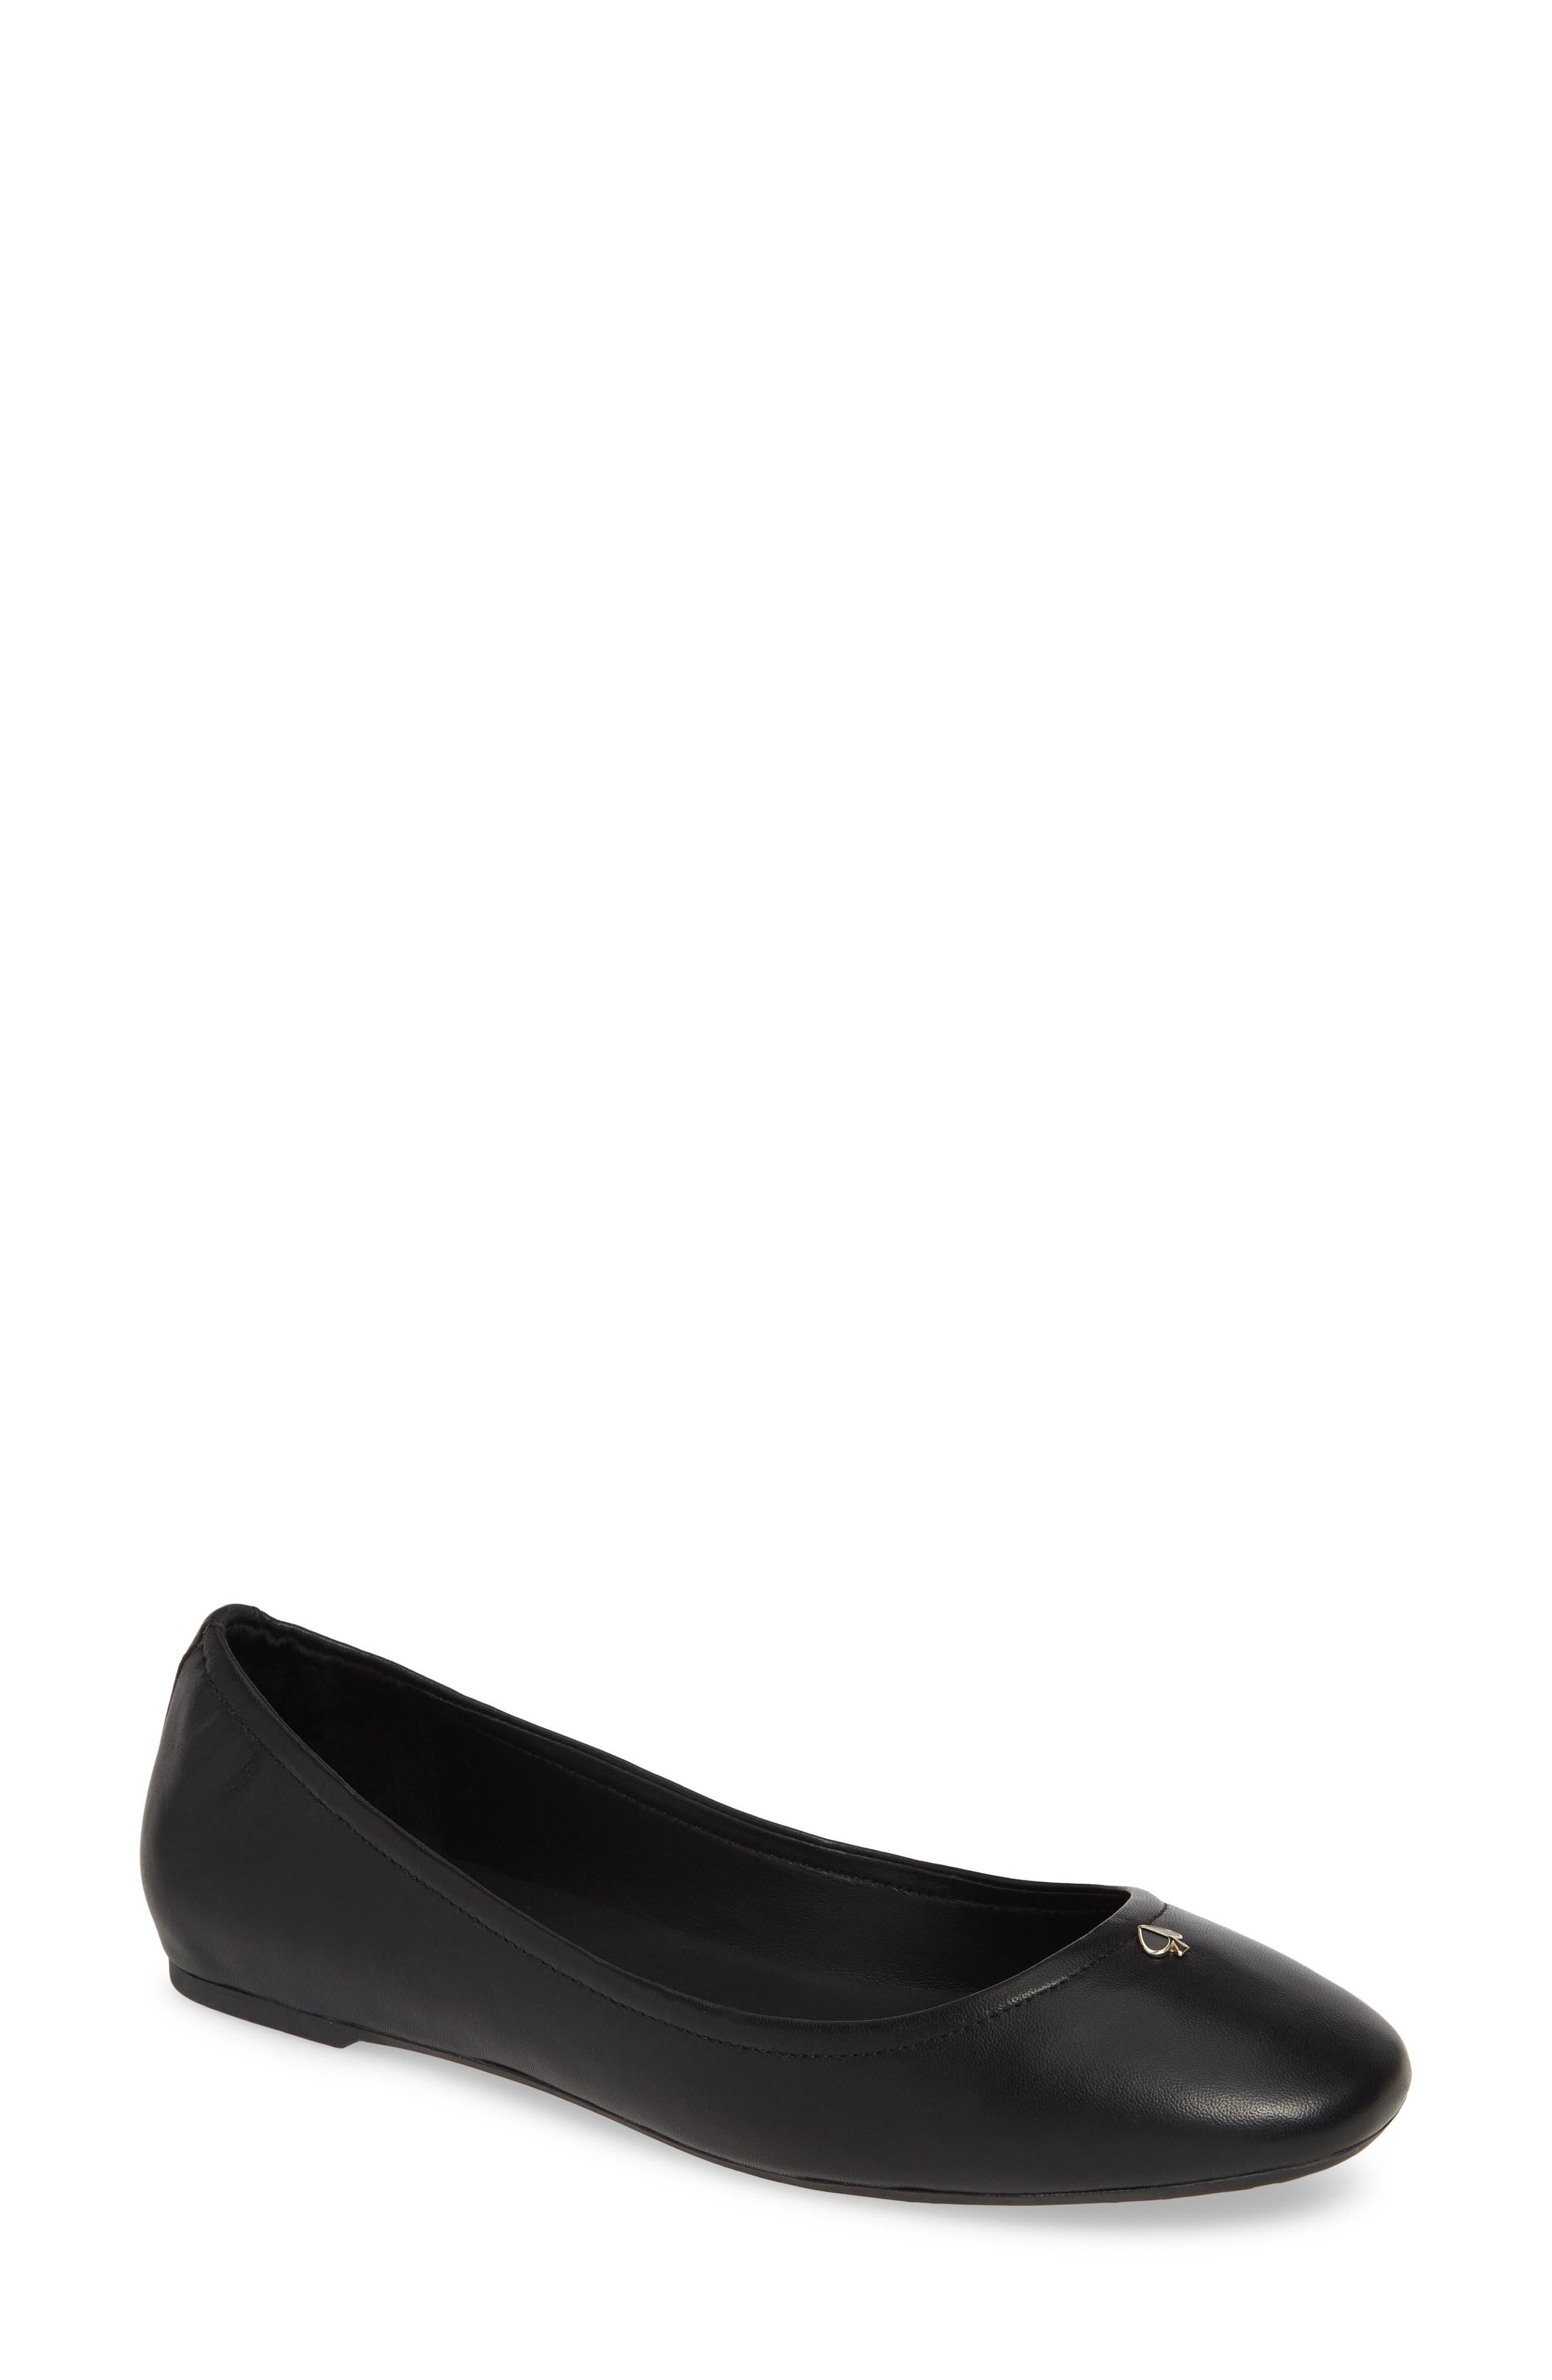 c683cc287de2 Kate Spade Kora Ballet Flat In Black